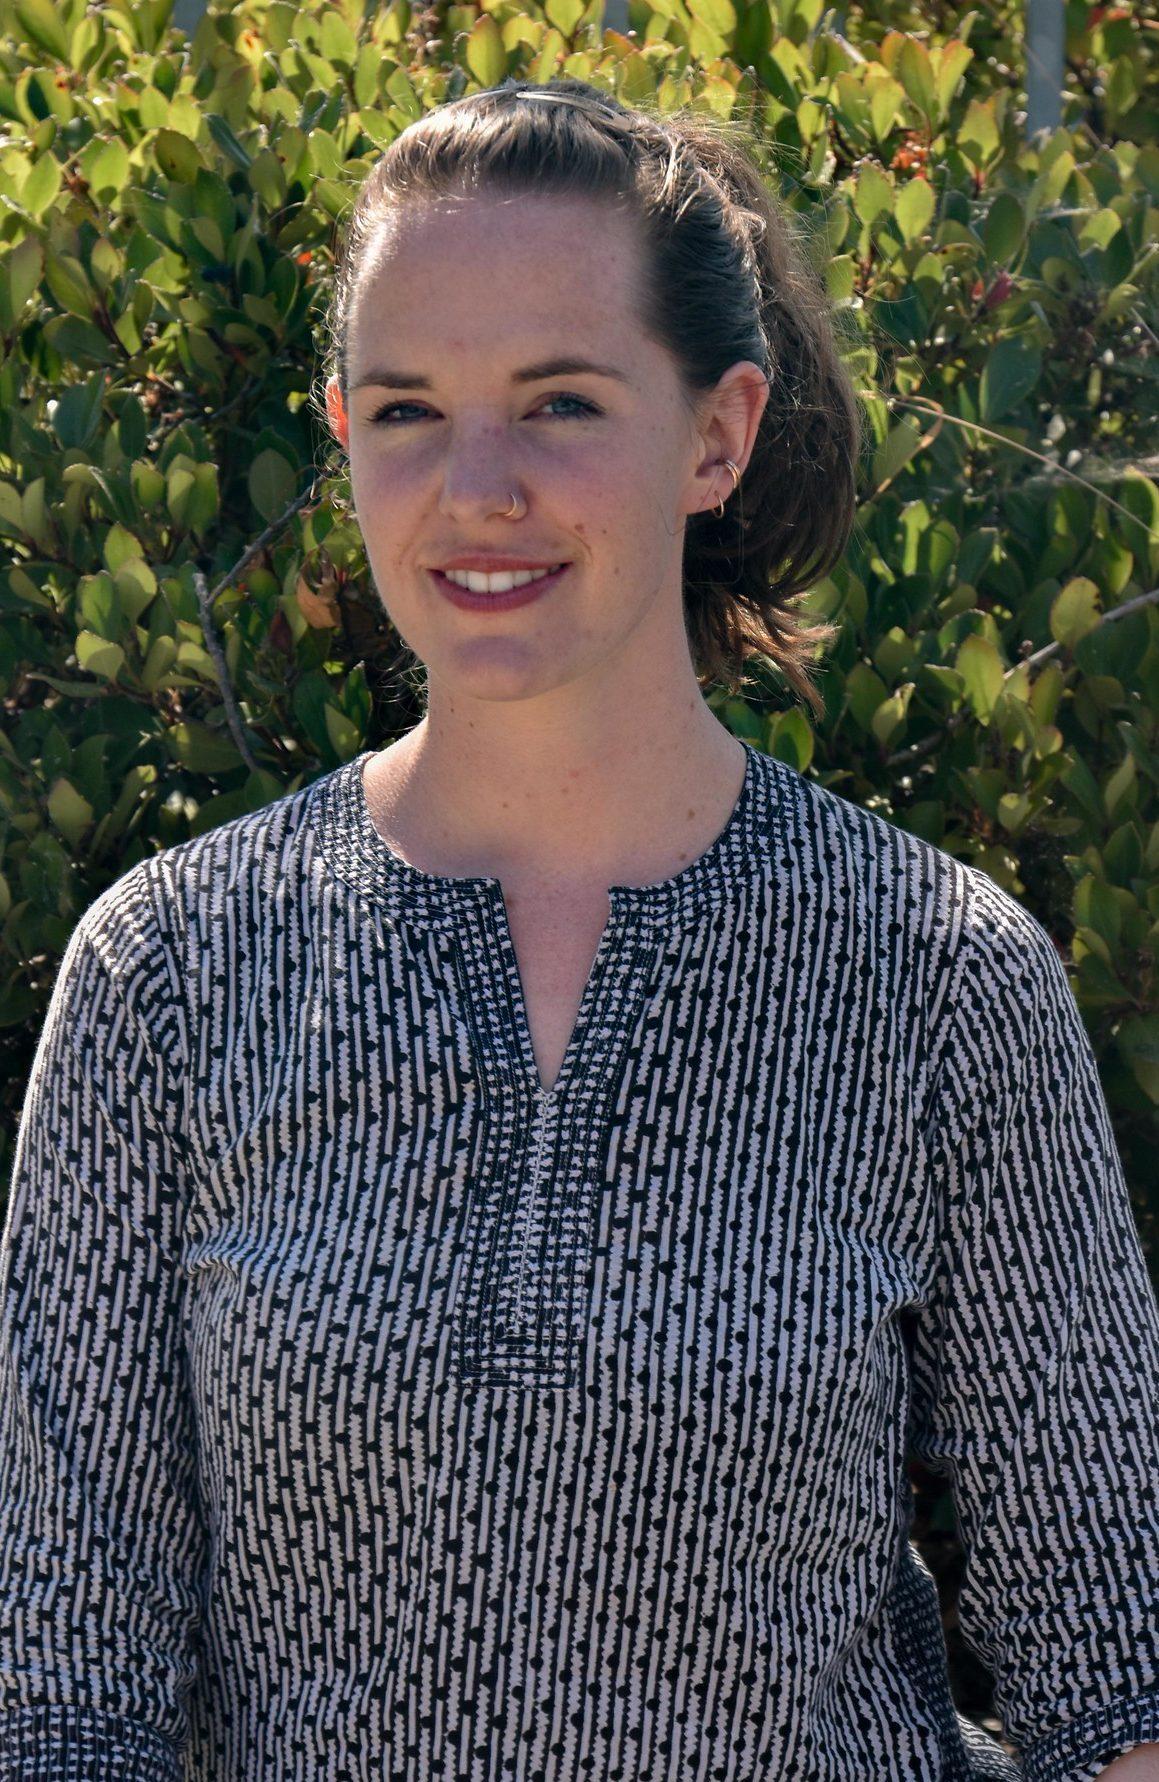 Carrie McCune